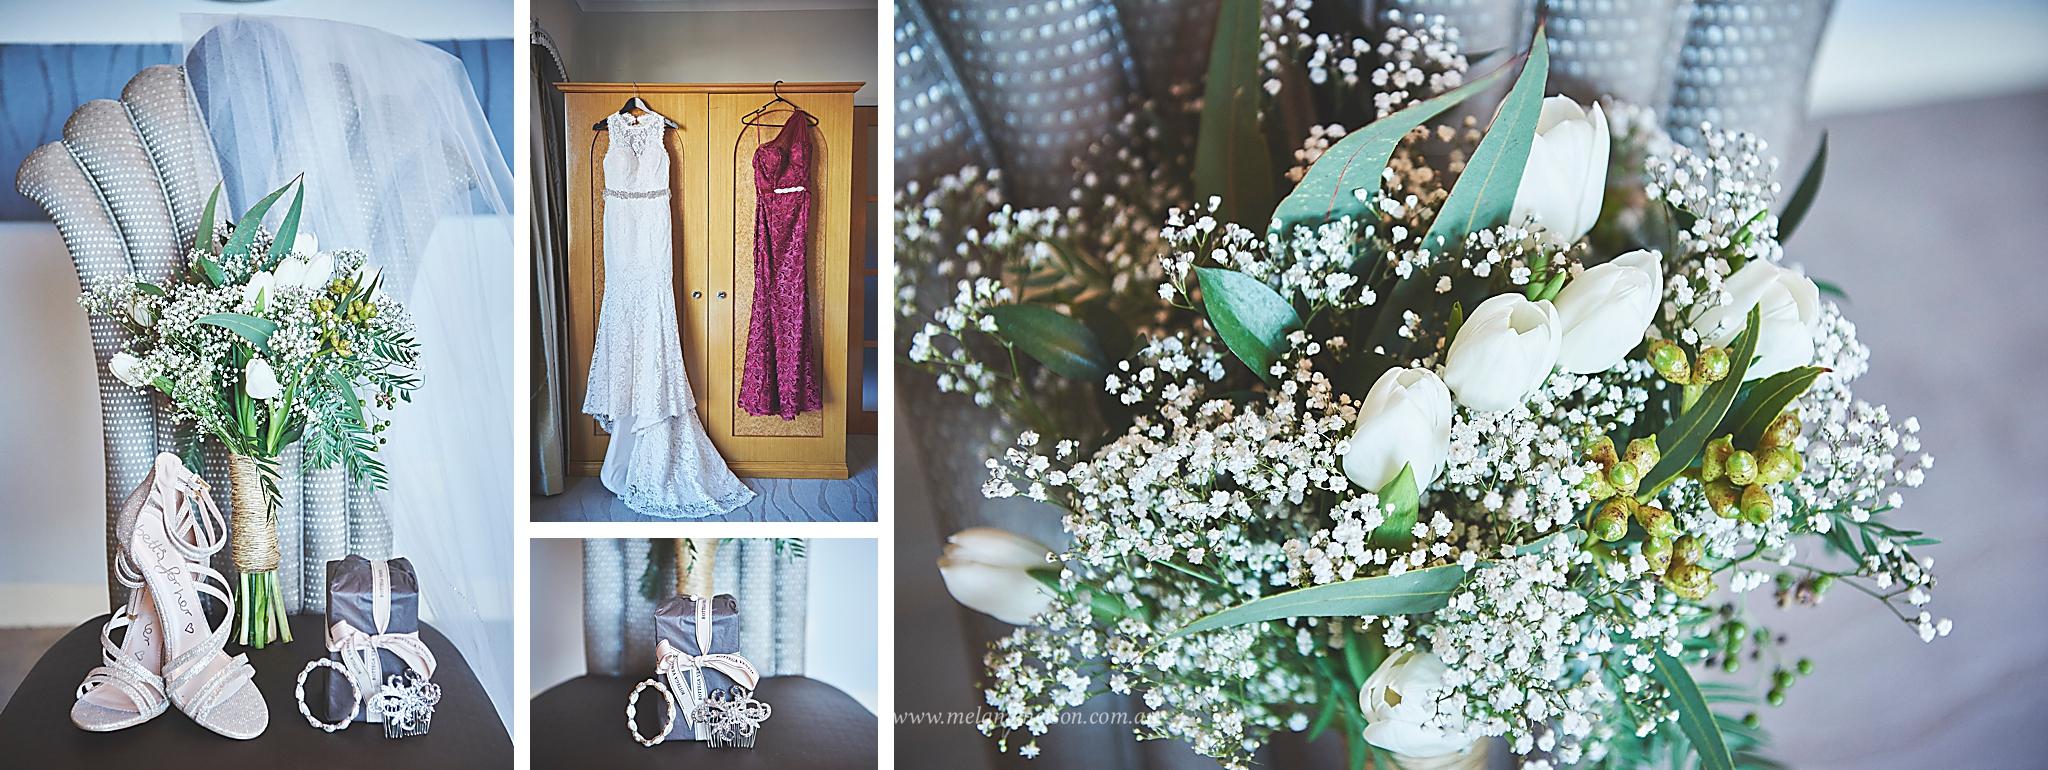 adelaide_wedding_photography05.jpg